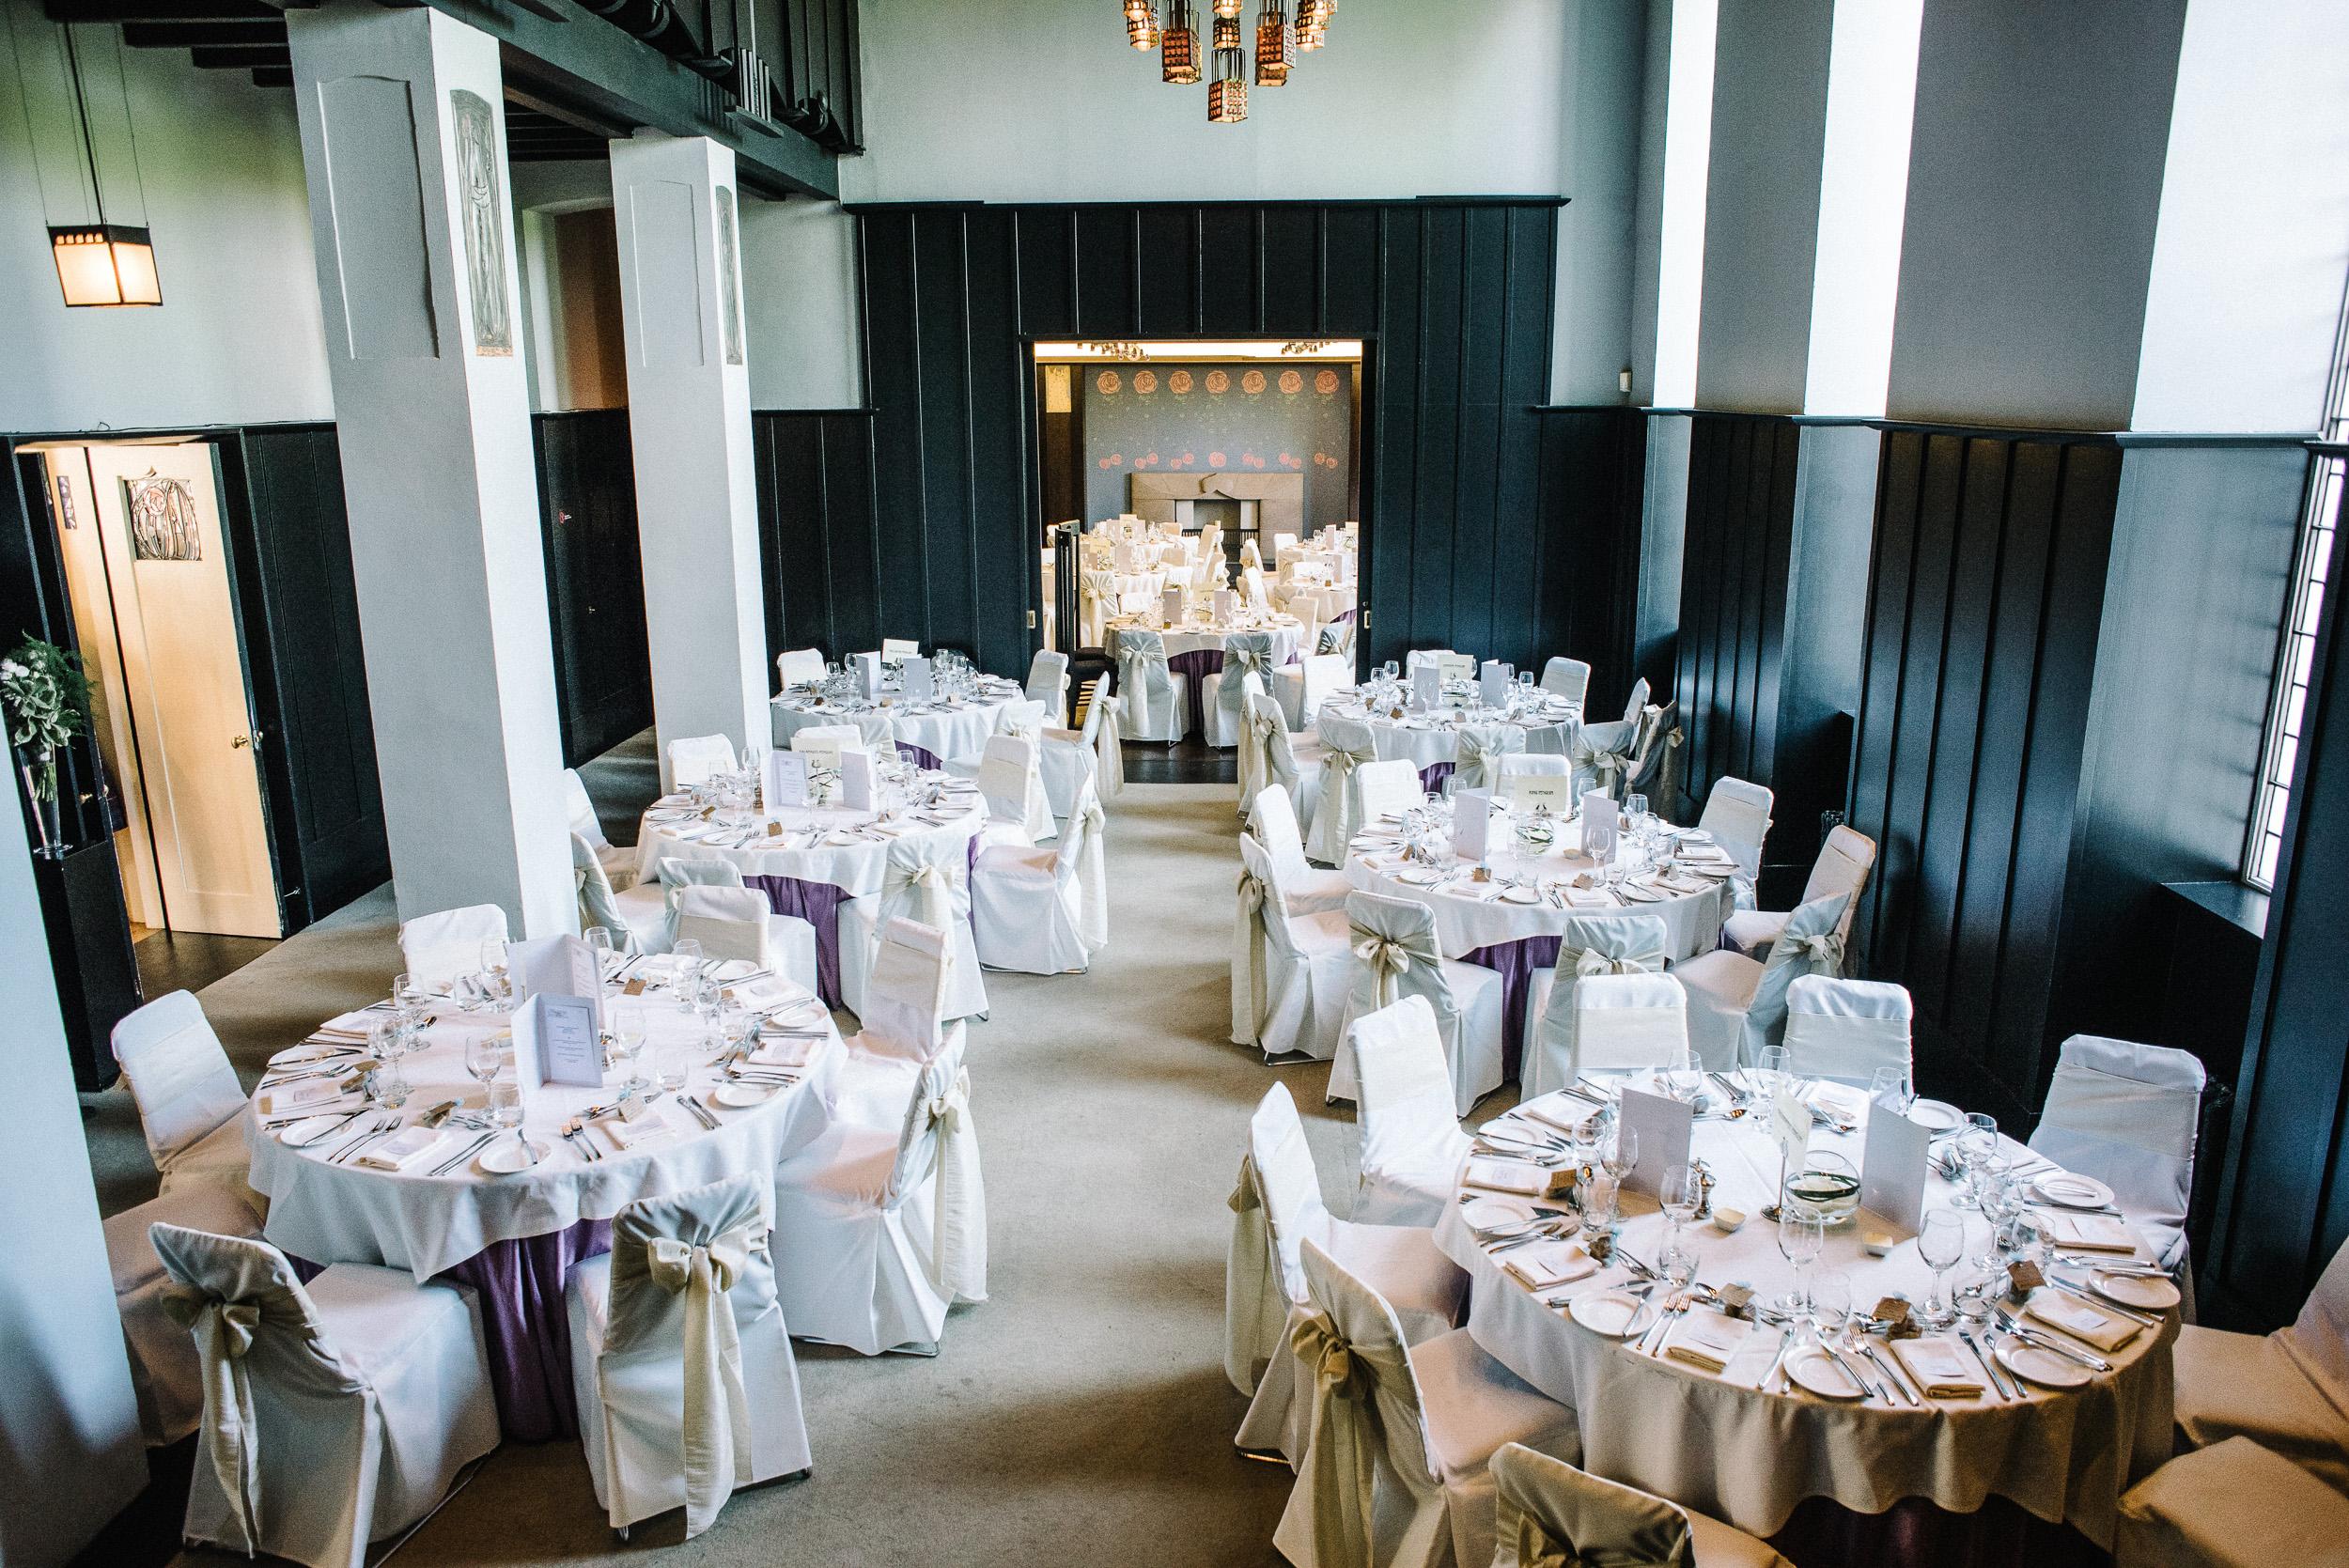 House-for-an-Art-Lover-Wedding40.jpg